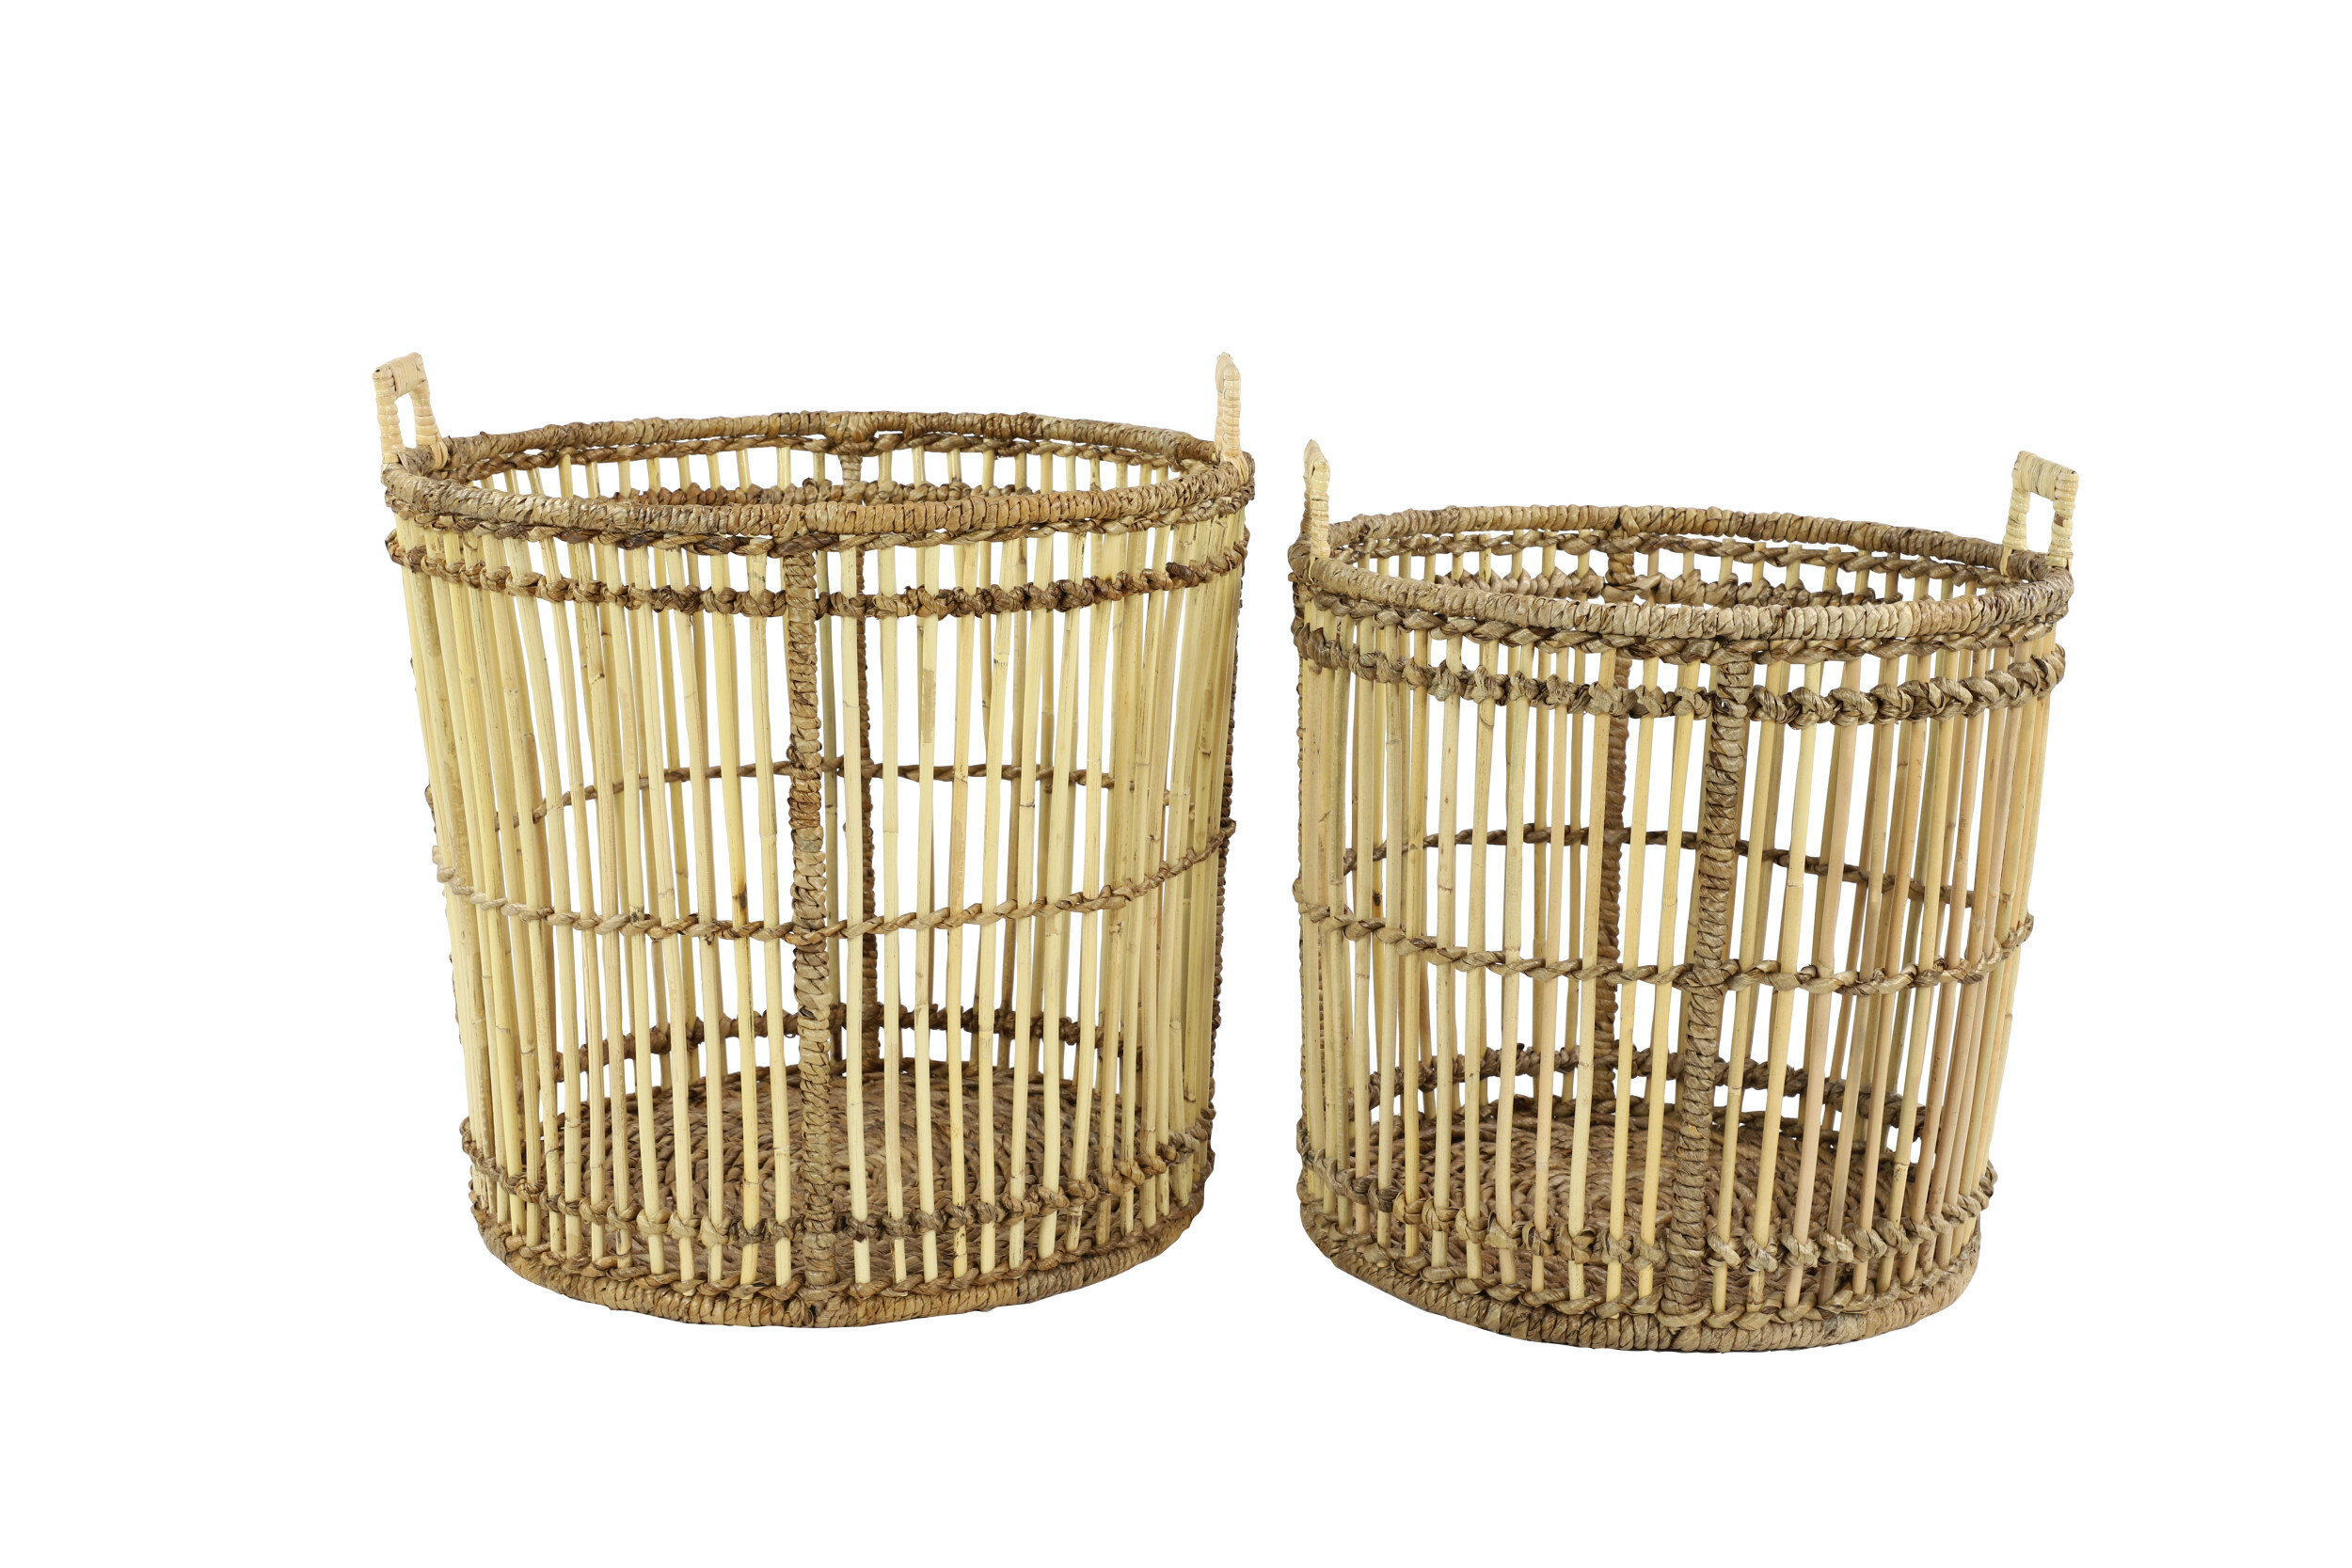 Birdcage 2 Piece Wicker Rattan Basket Set Allmodern